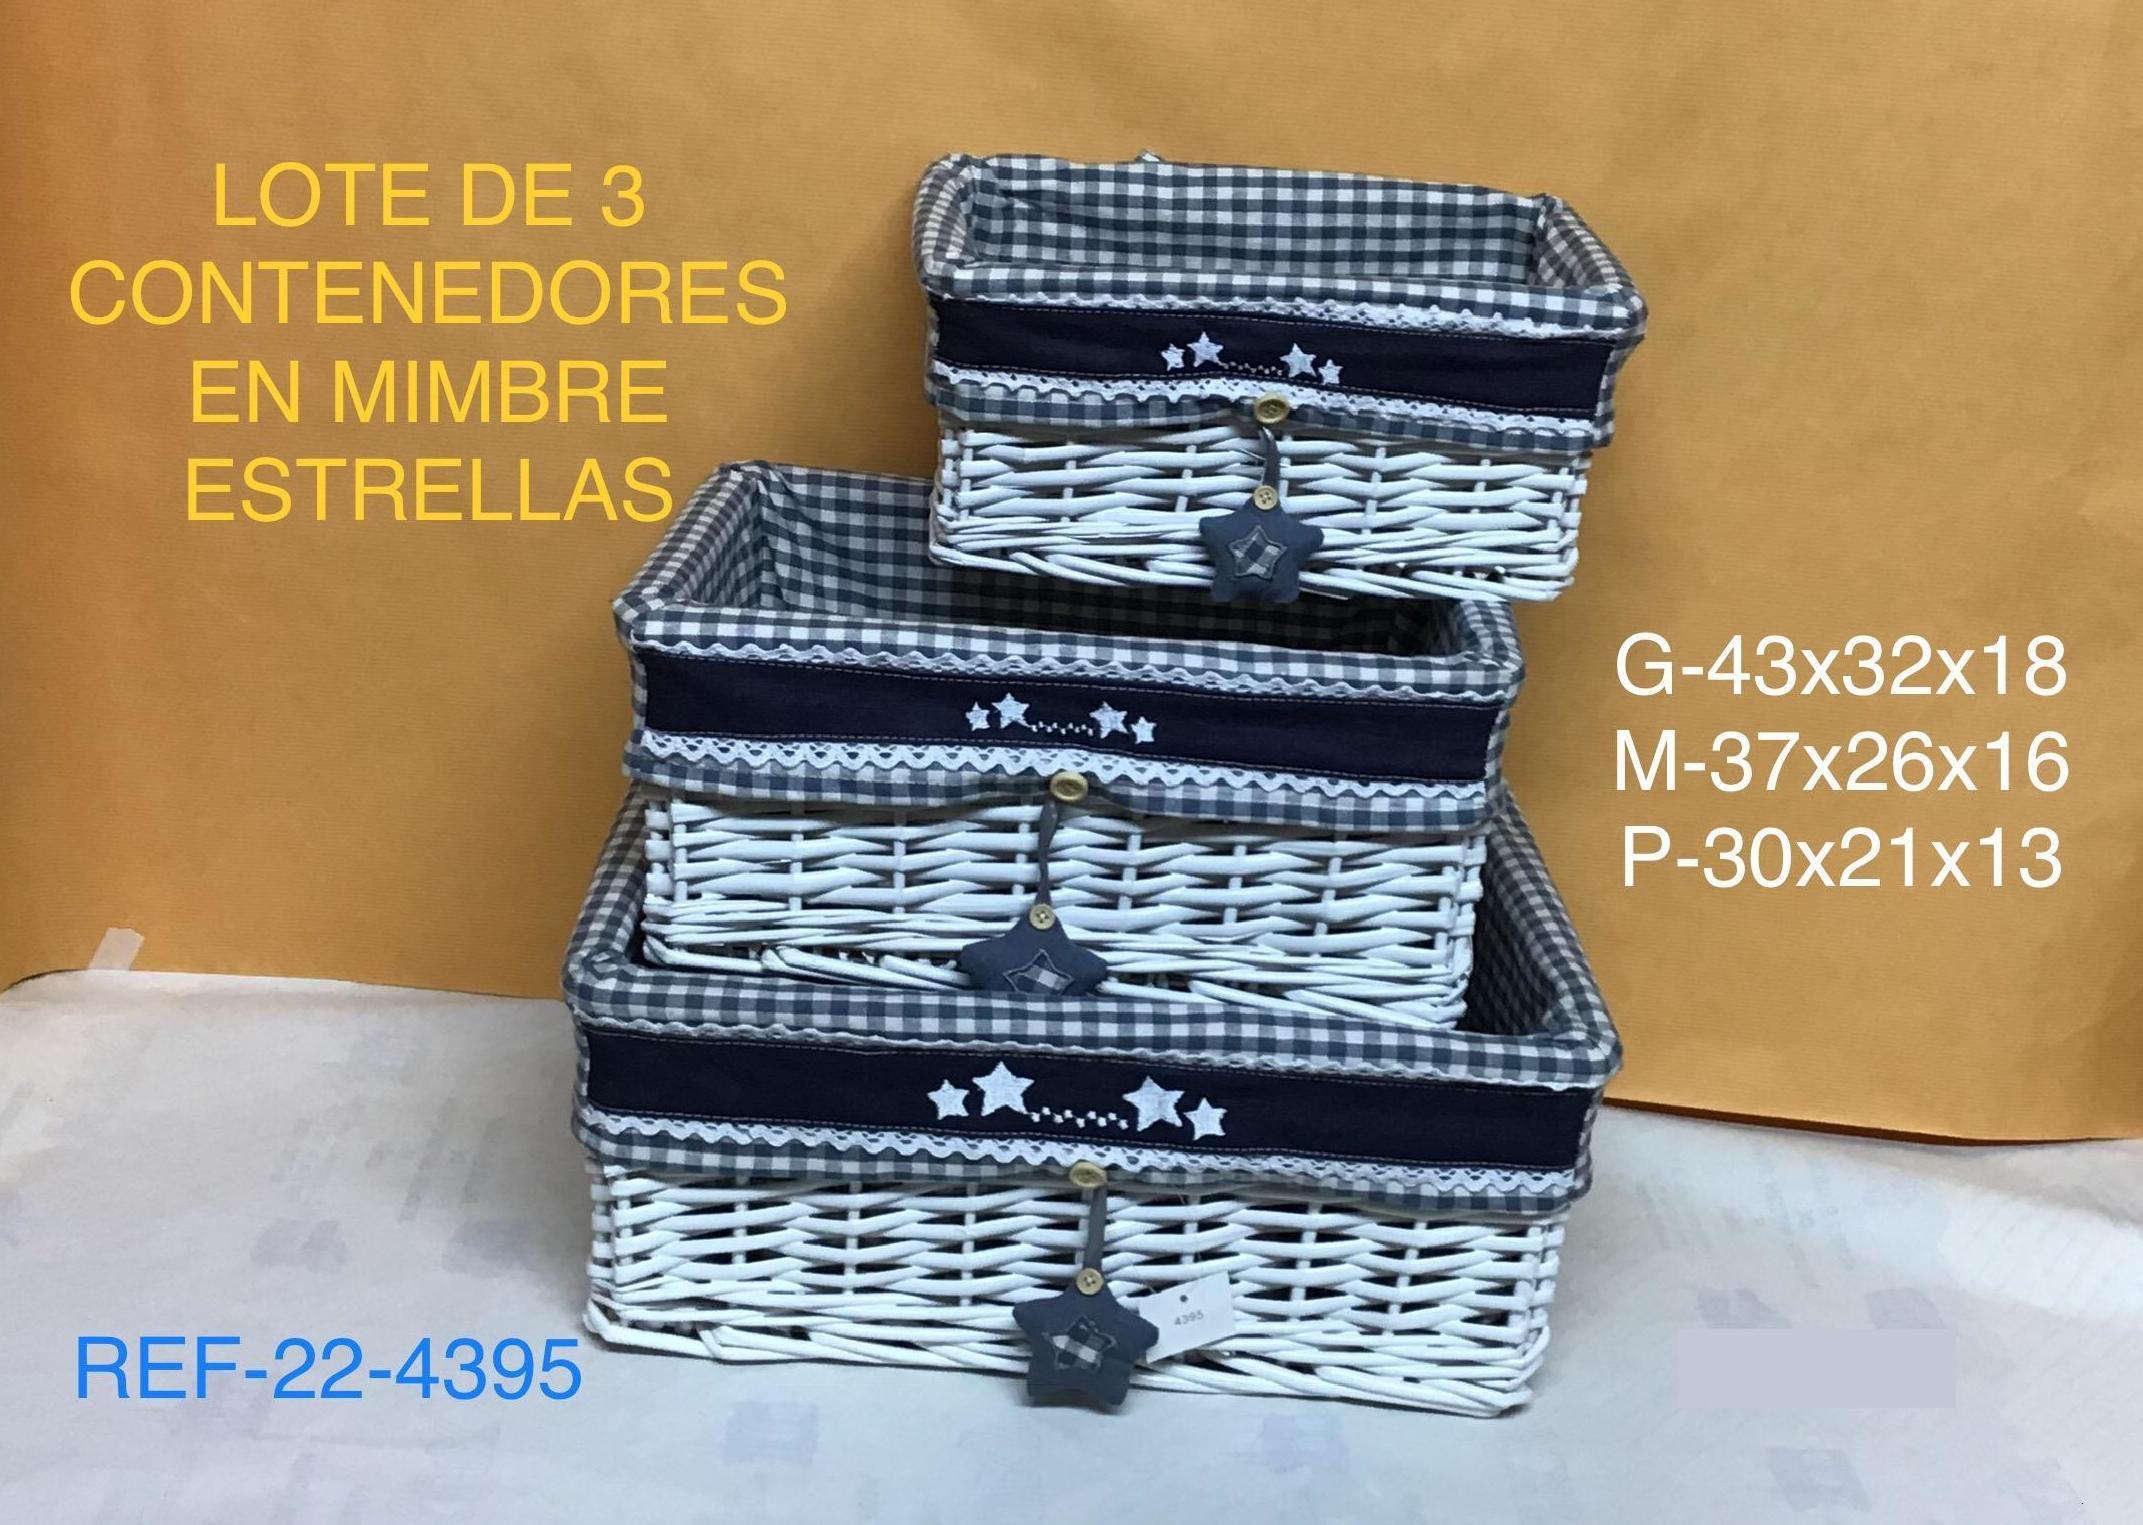 22-4395 LOTE 3 CAJONES FORRO GRIS  CORAZONES 42X30X17